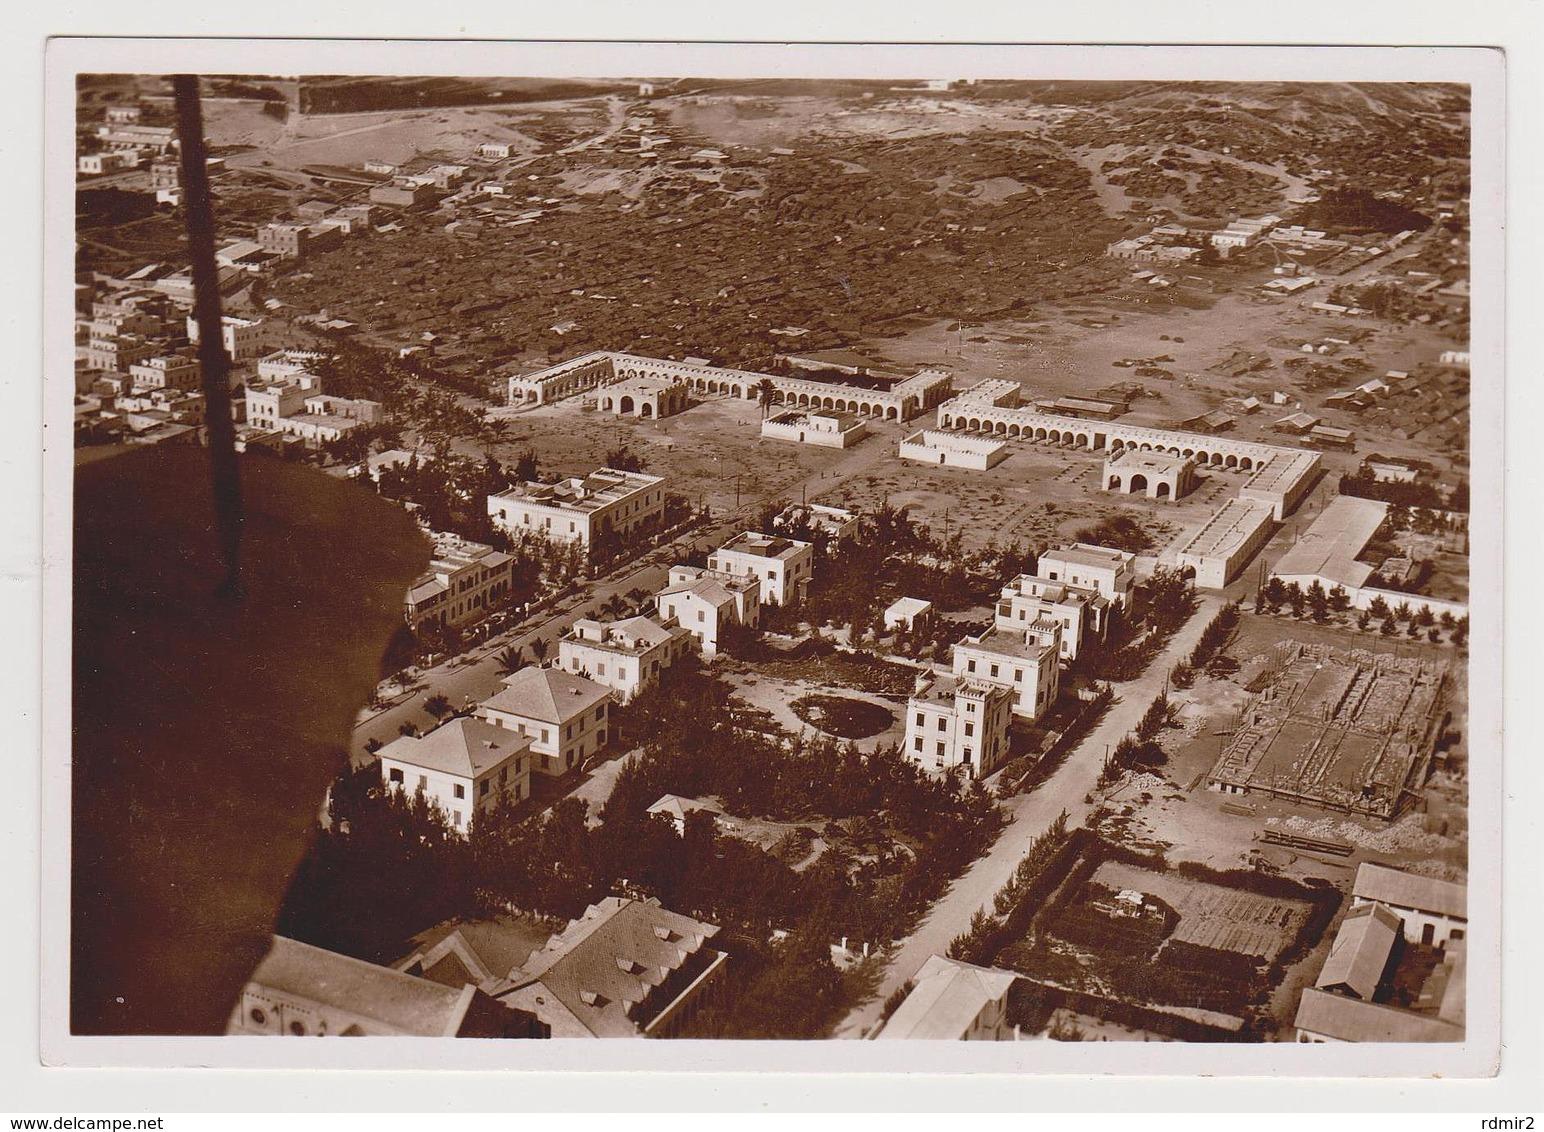 1802/ MOGADISCIO, Somalia Italiana. Mercato. Market. Marché. Air View.- Non écrite. Unused. No Escrita. Non Scritta. - Somalia